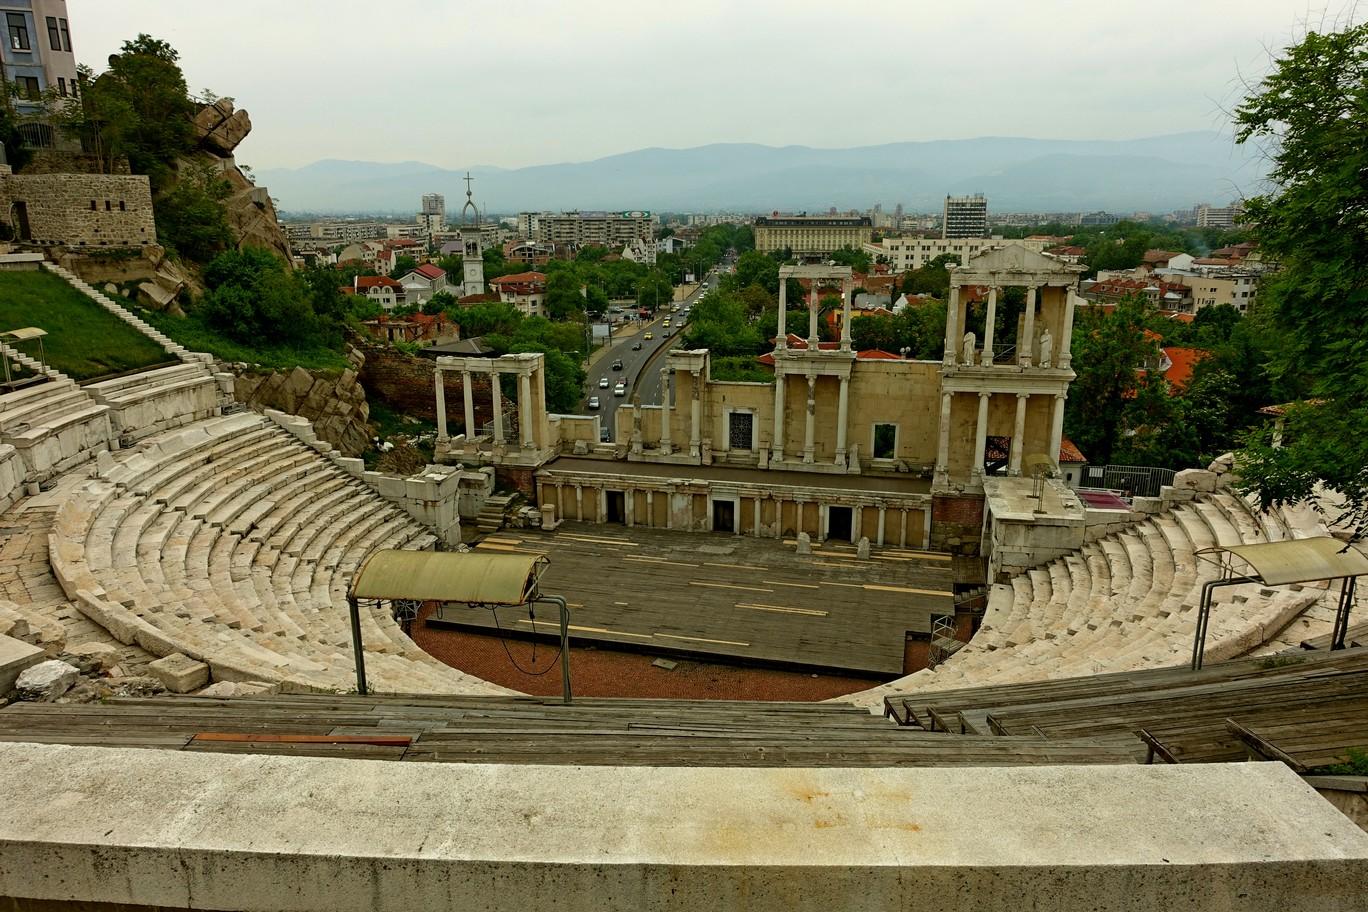 italia bulgaria palermo biglietti di - photo#24